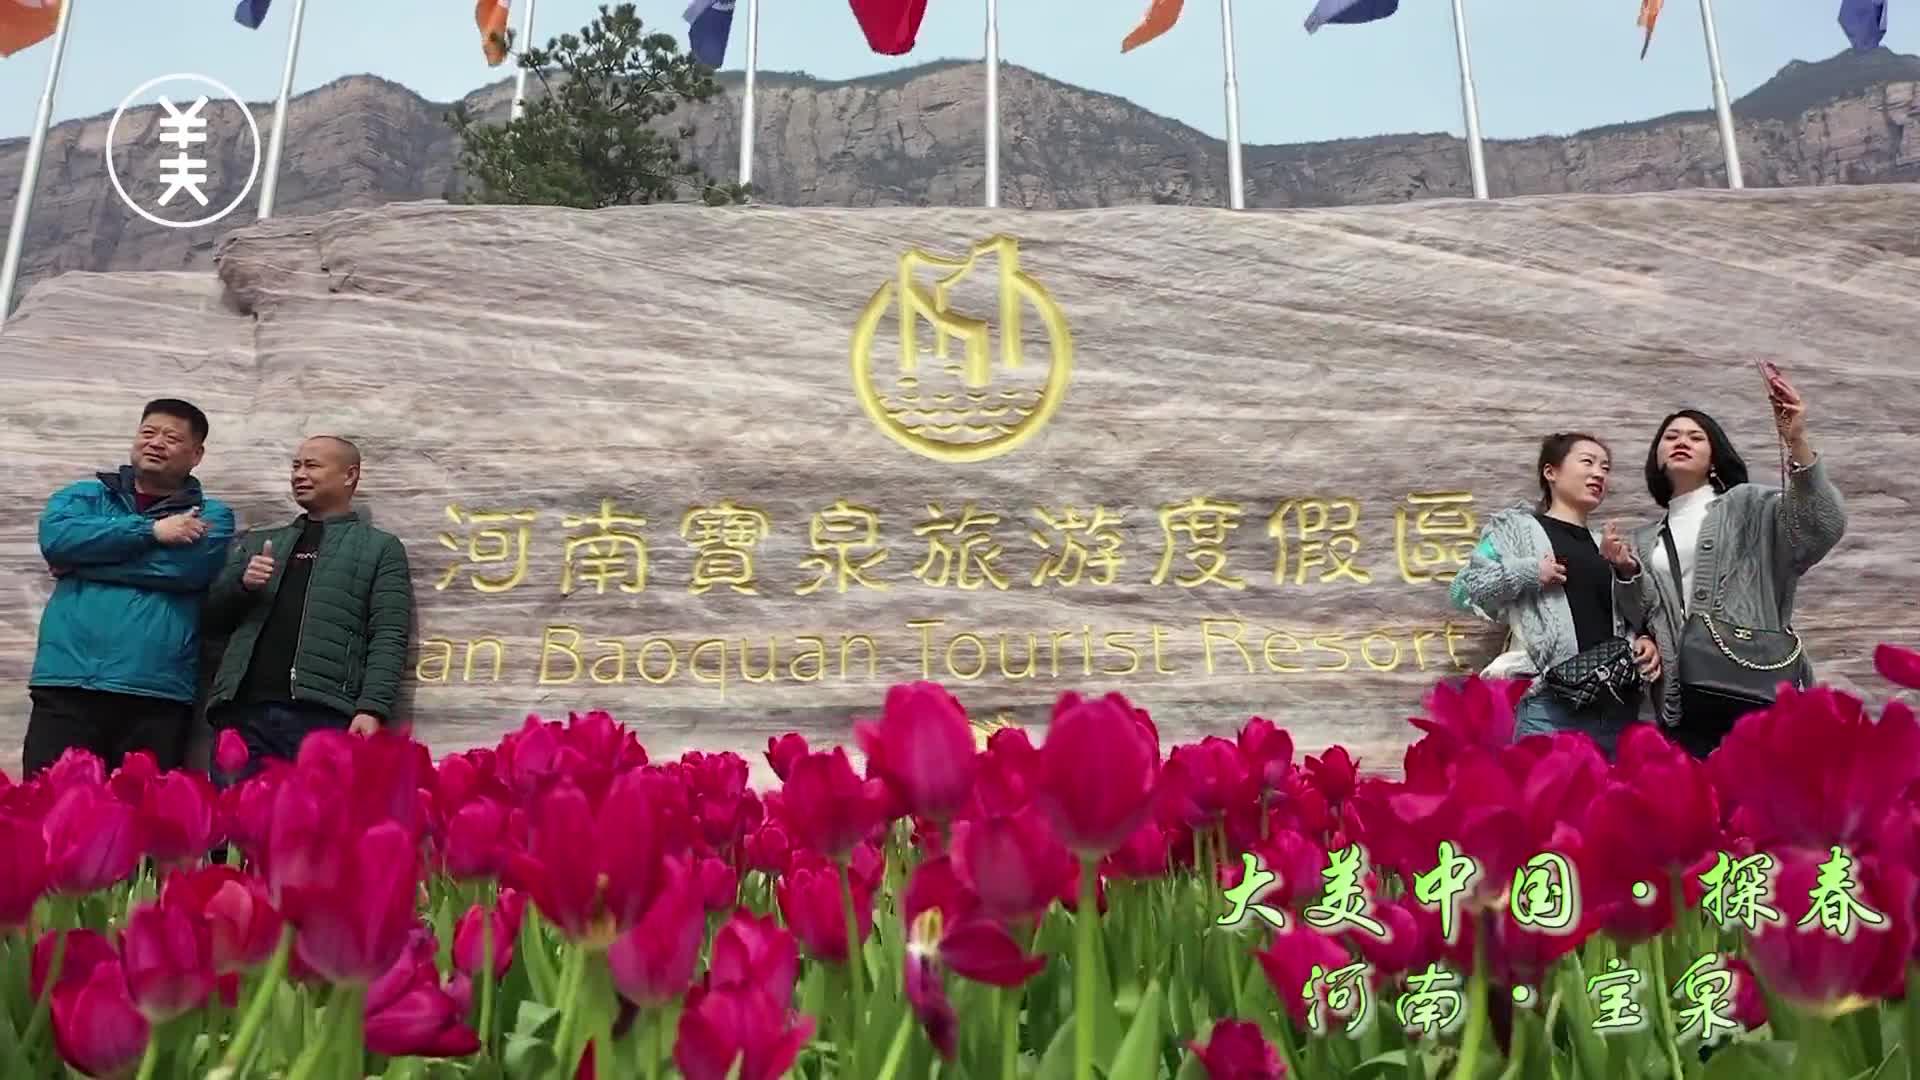 《大美中國·探春河南寶泉.》